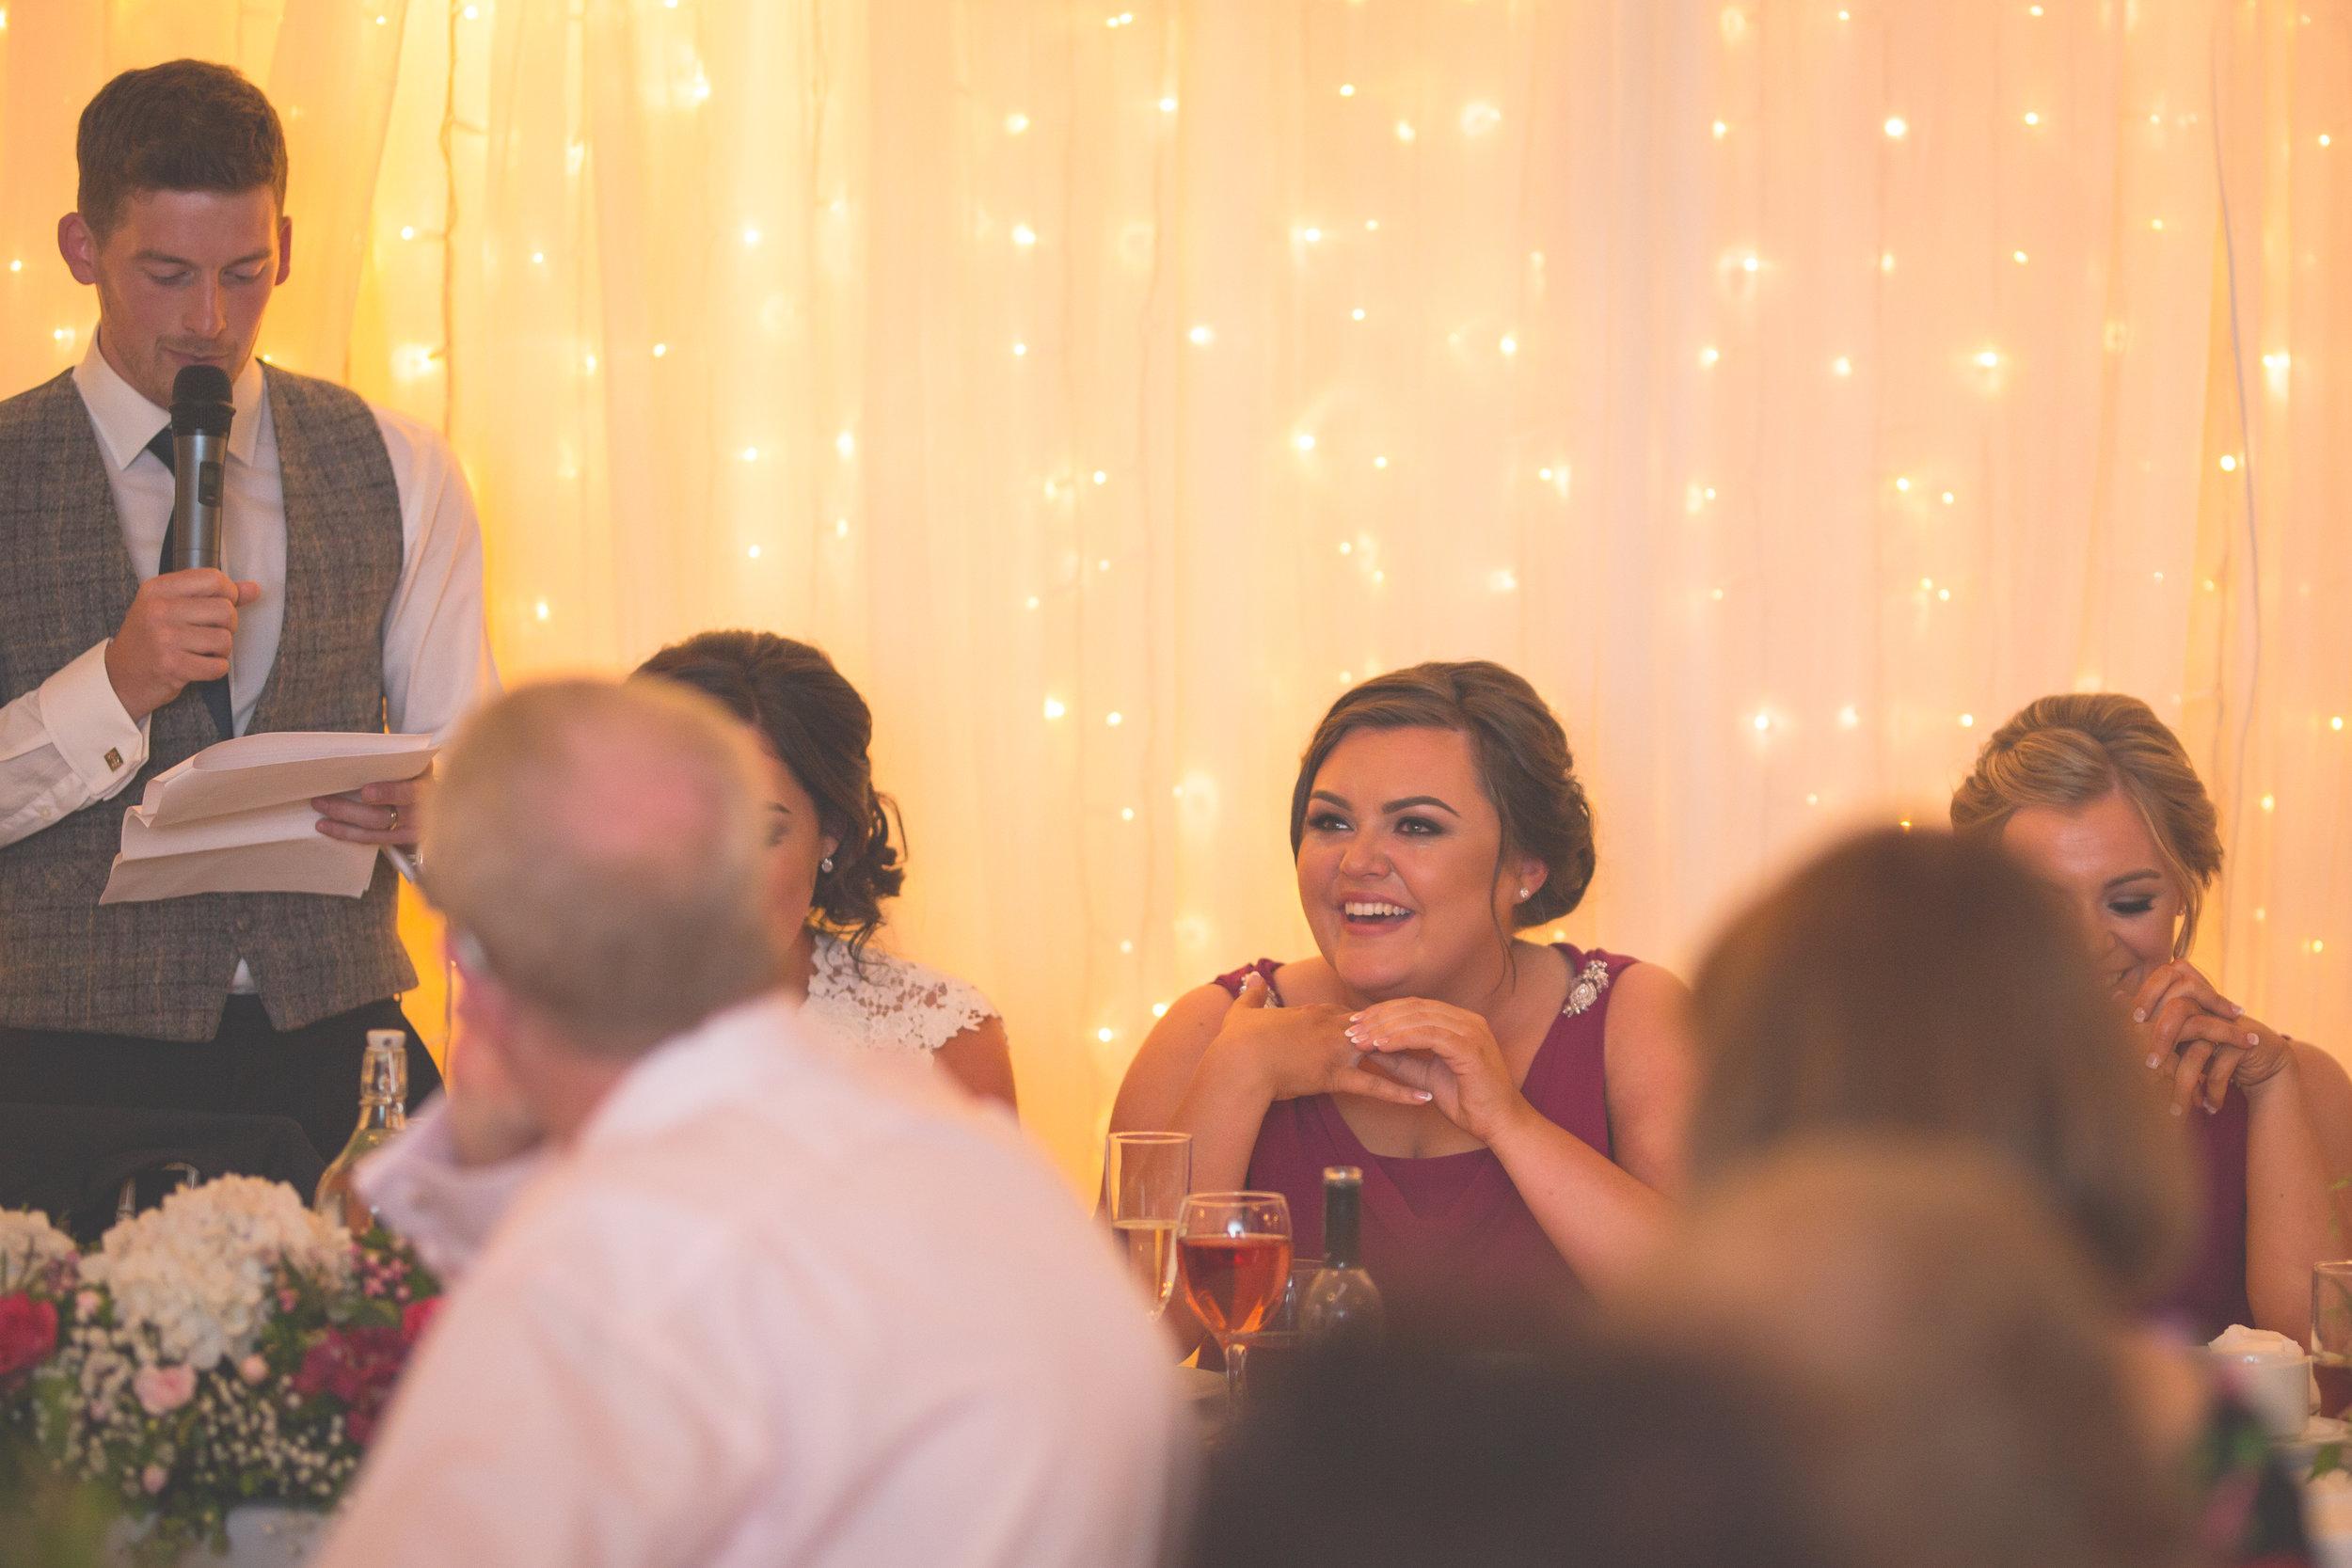 Brian McEwan Wedding Photography | Carol-Anne & Sean | The Speeches-80.jpg